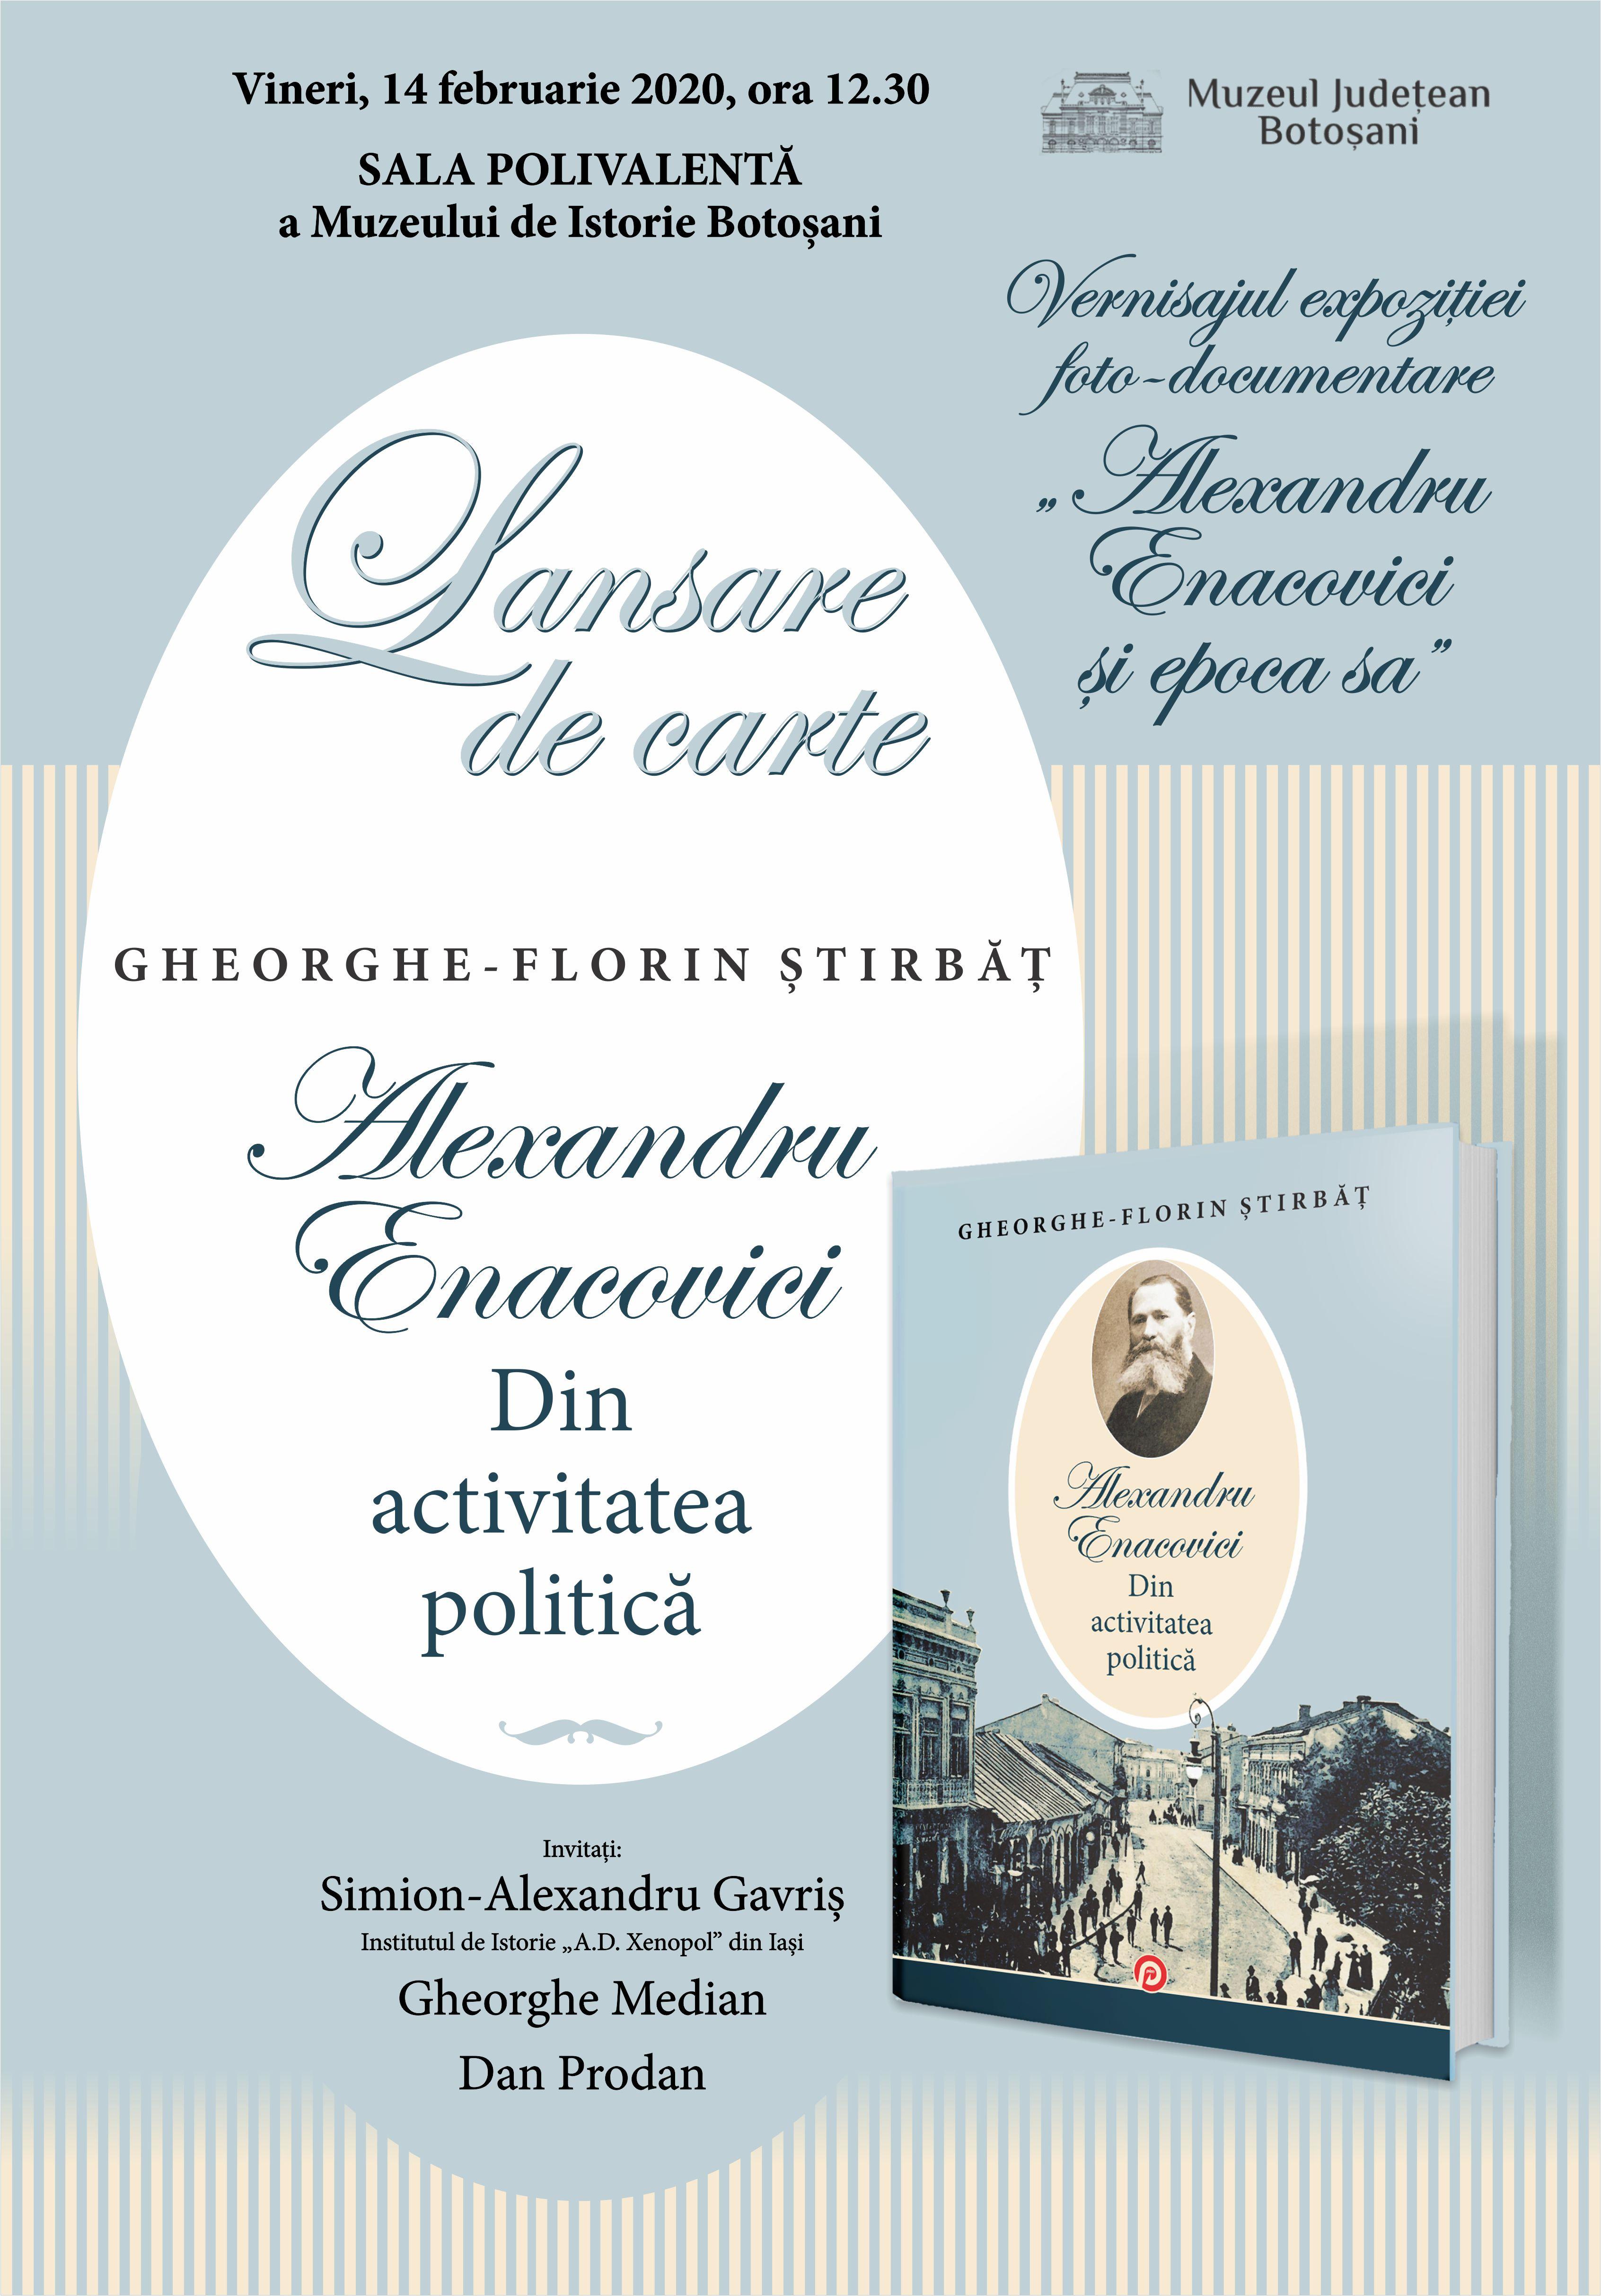 Expozitie si lansare de carte la Muzeul Judetean Botosani